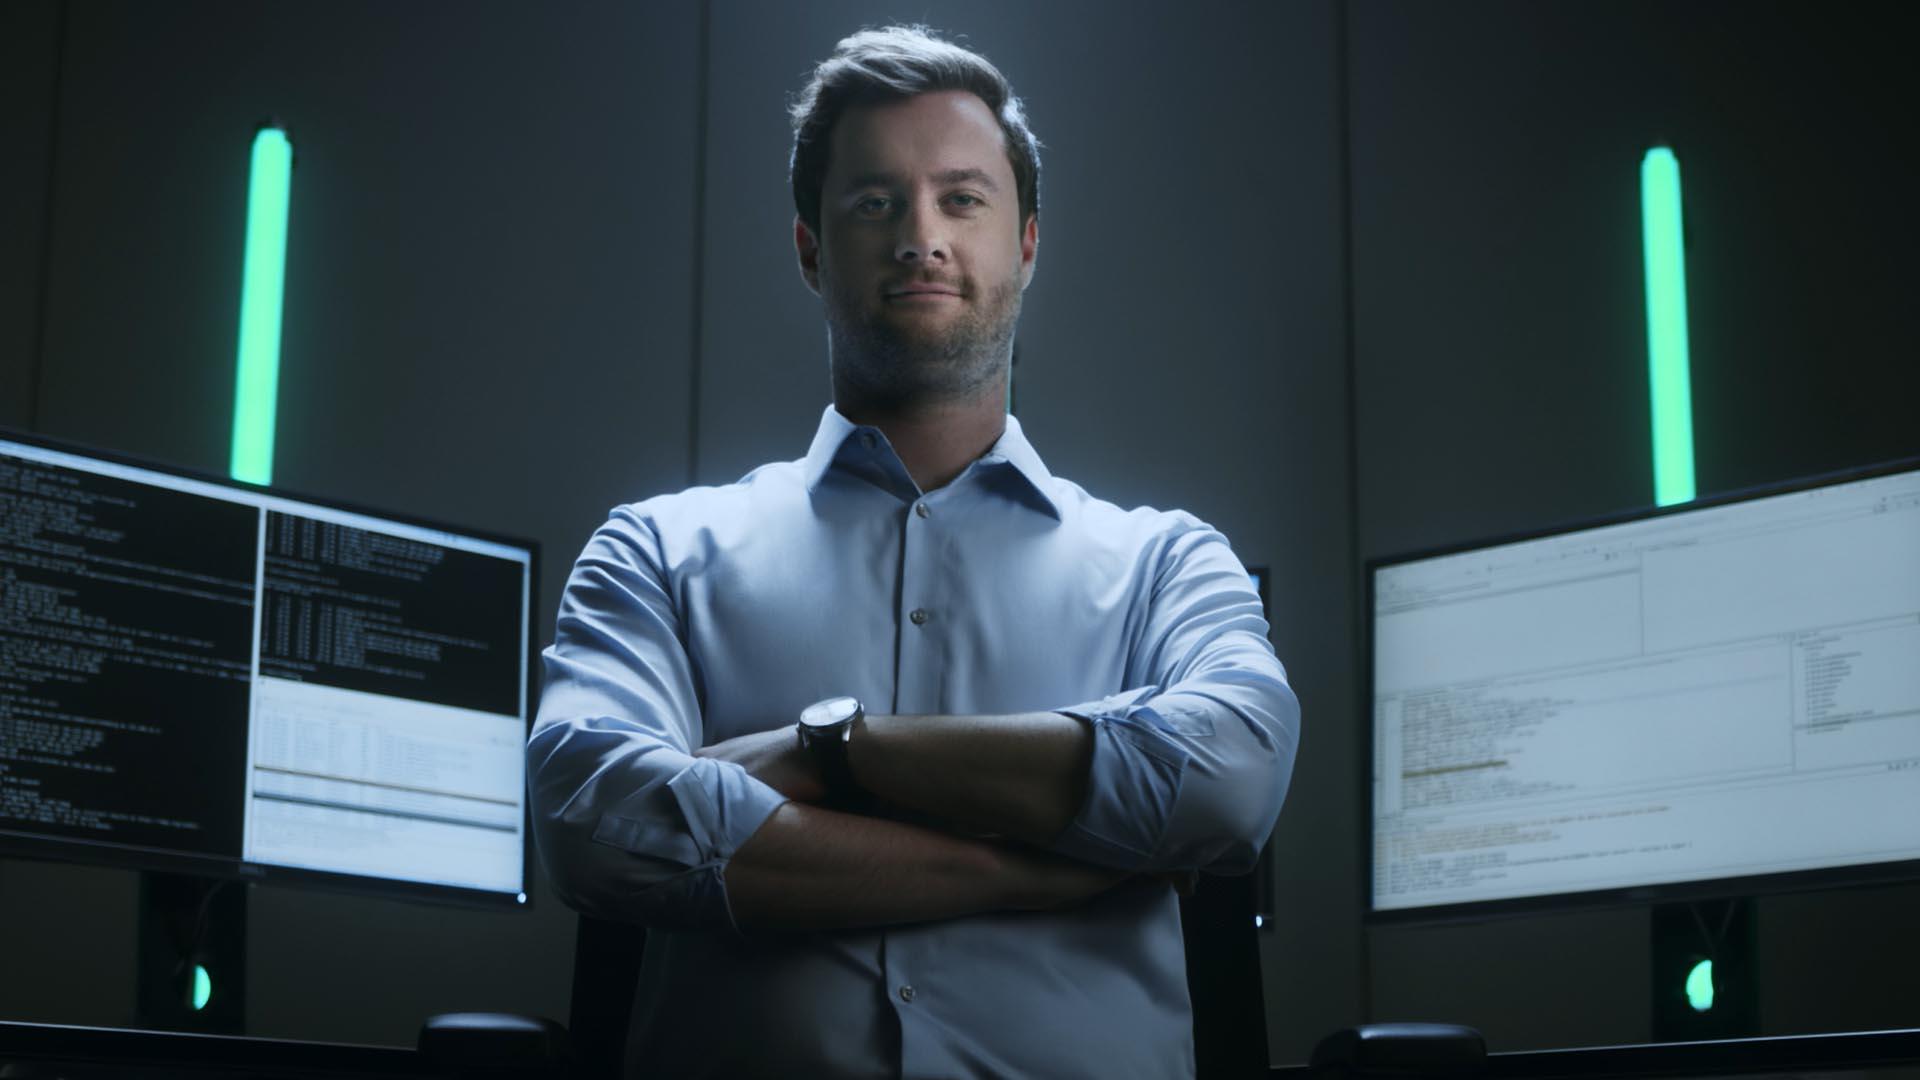 Ausschnitt aus dem Fraunhofer Recruitingspot, Mann steht zufrieden vor einigen Bildschirmen welche komplexen Code anzeigen